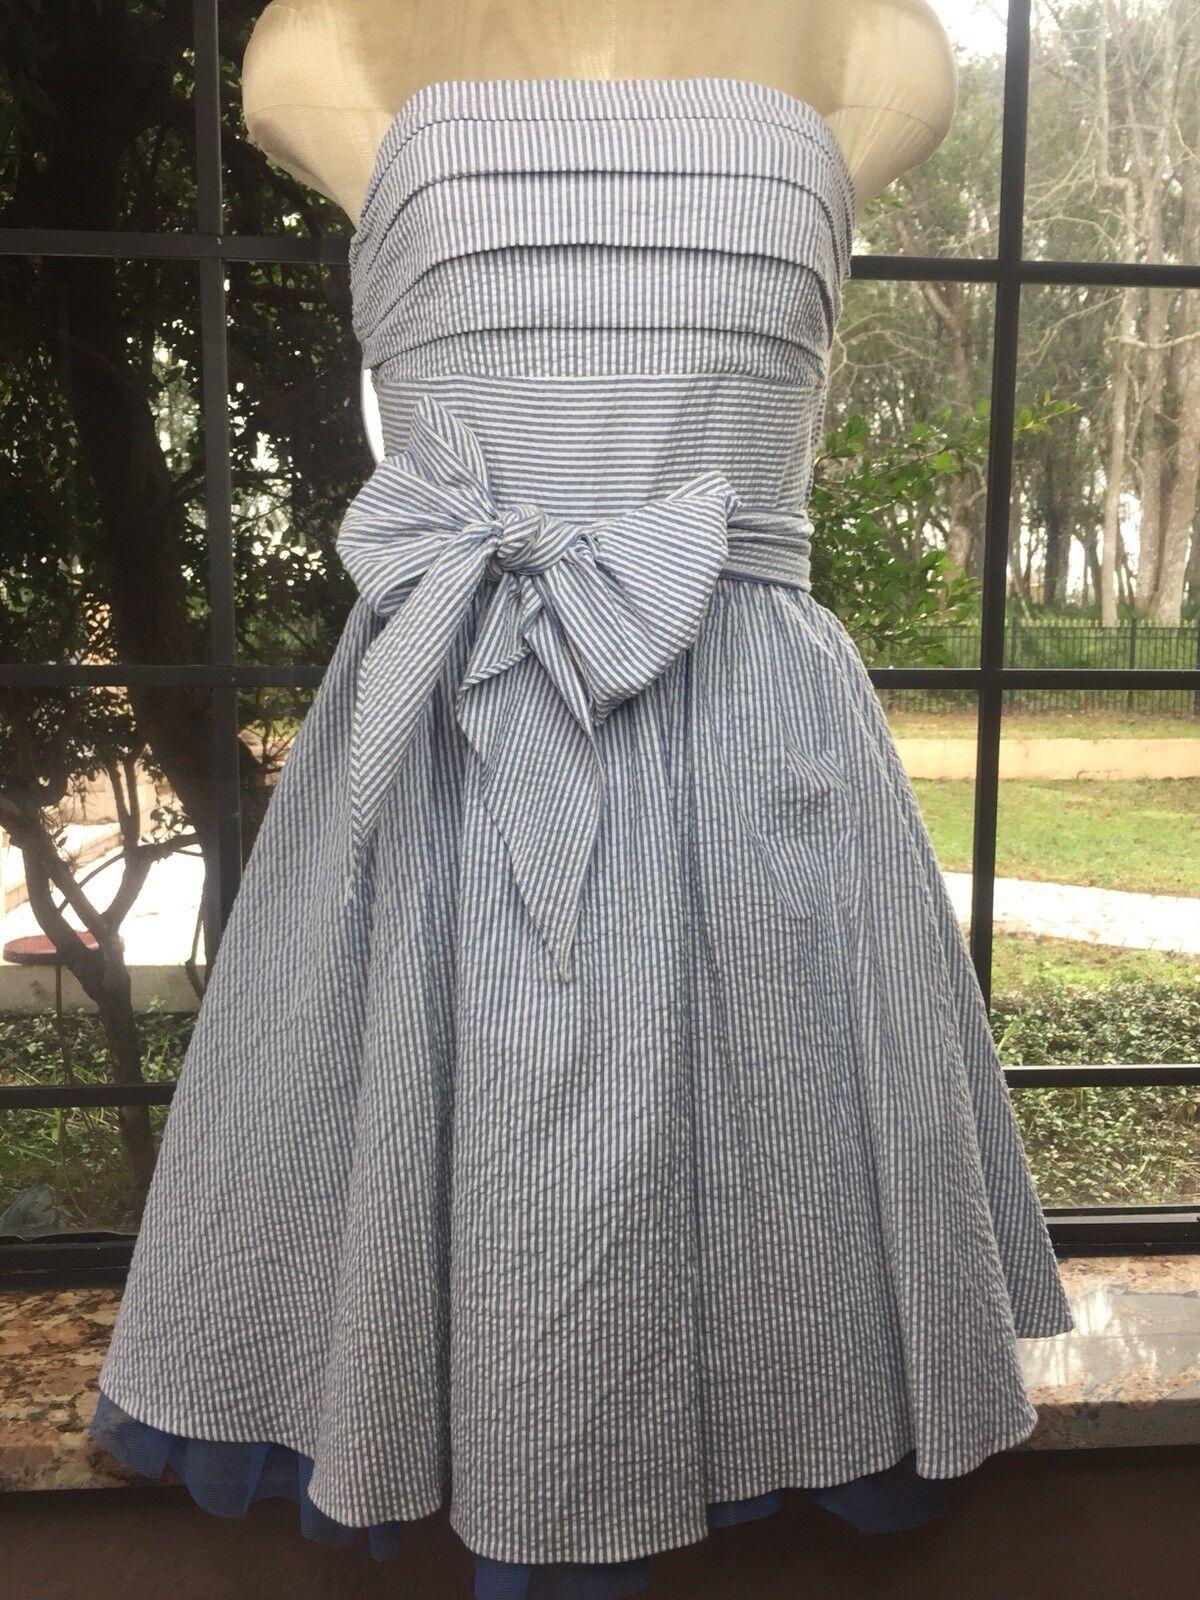 NWT BETSEY JOHNSON Seersucker Strapless Tulle Dress Größe 6 Blau and Weiß